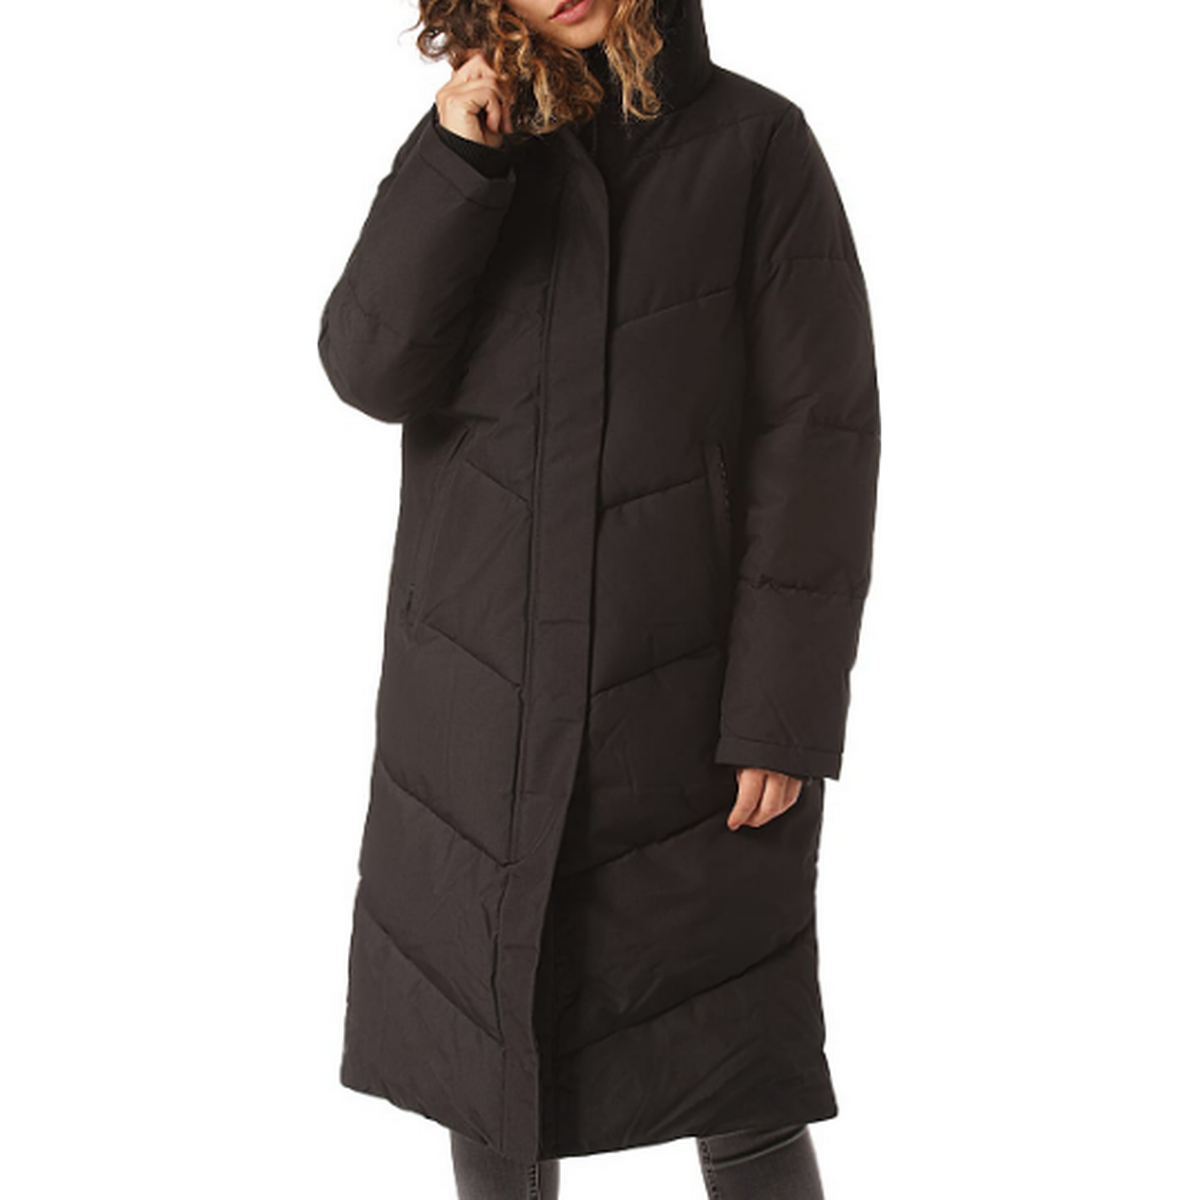 elvine jakker udsalg, Elvine Milla Jacket Navy Kvinde,elvine